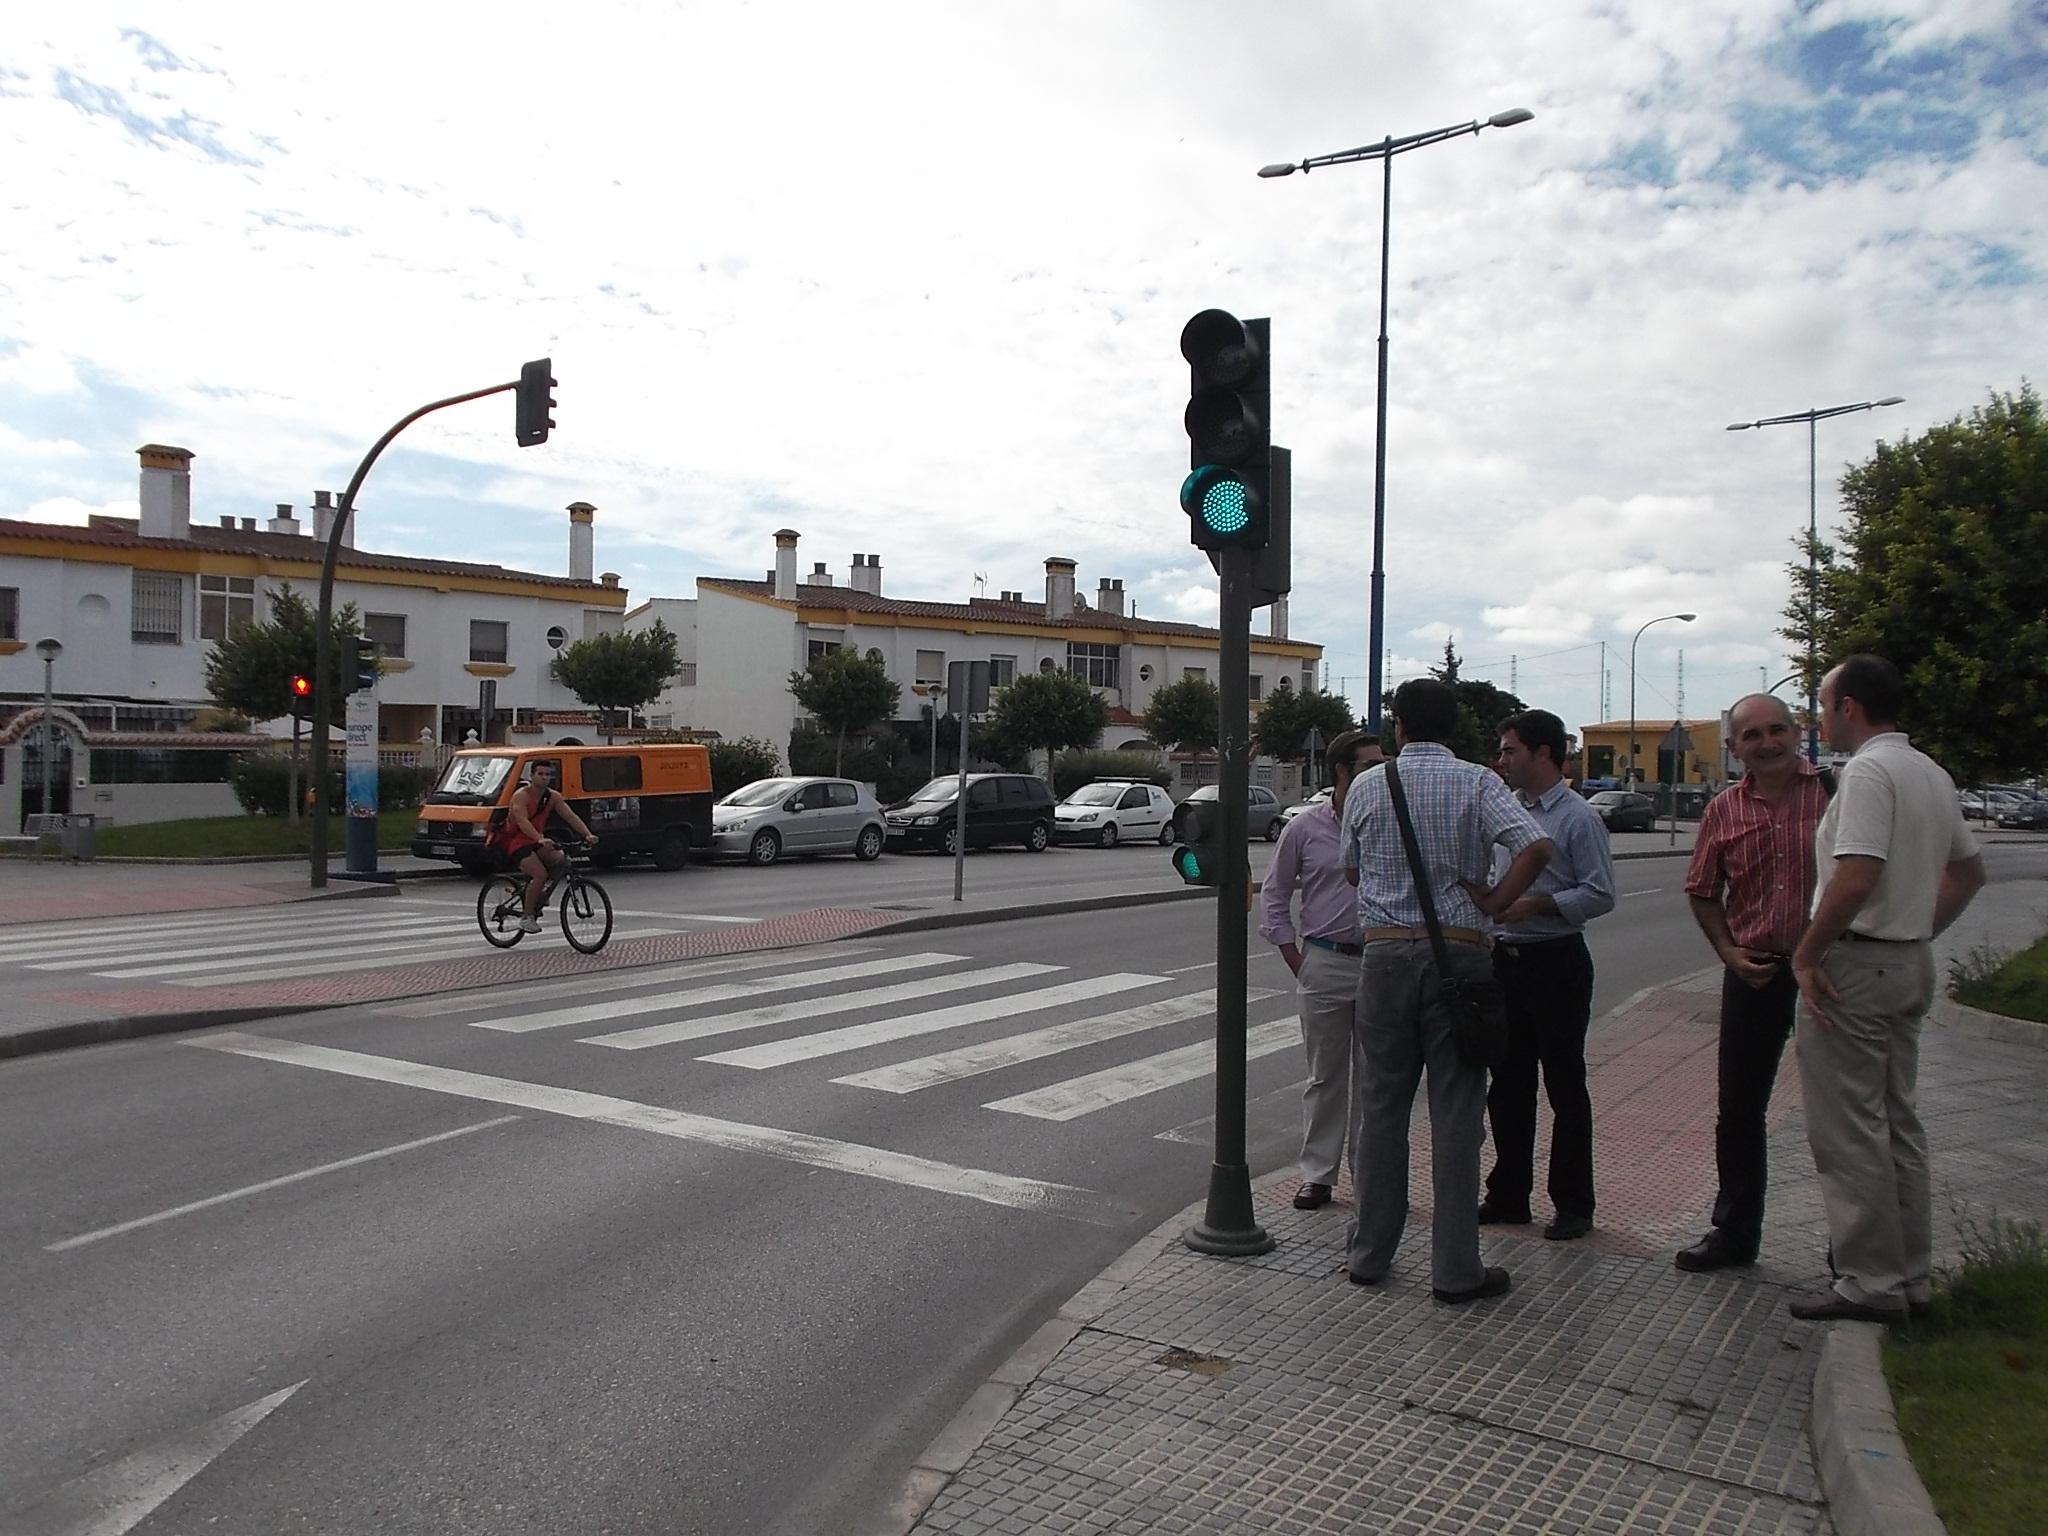 La Venta Vargas es una de las principales salidas y entradas a San Fernando del tráfico rodado.